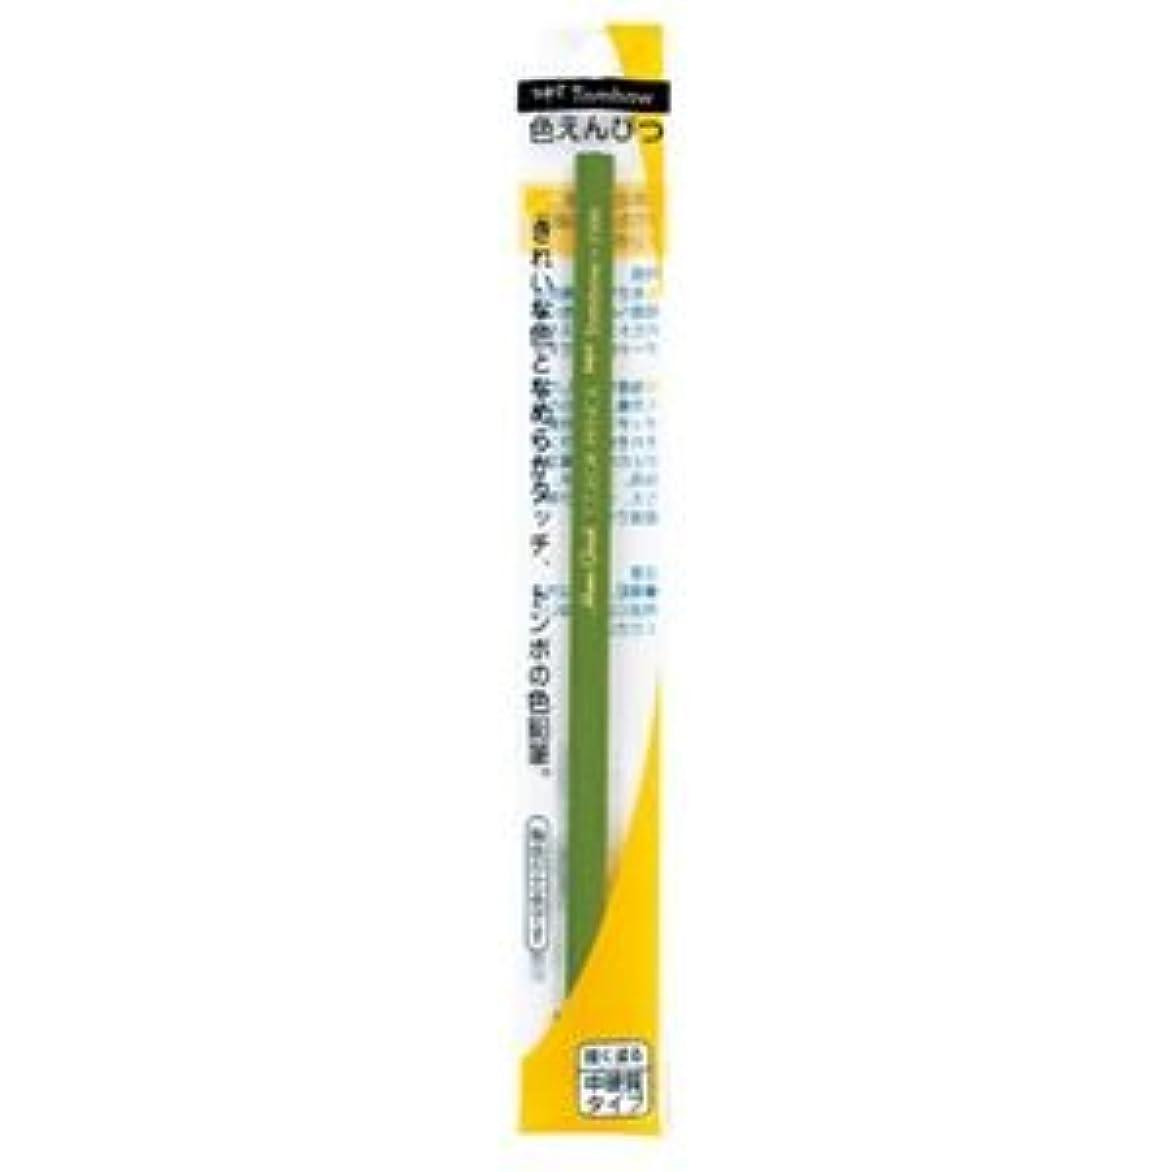 方法論掻く豊富な(業務用20セット) トンボ鉛筆 色鉛筆1500黄緑 5本組